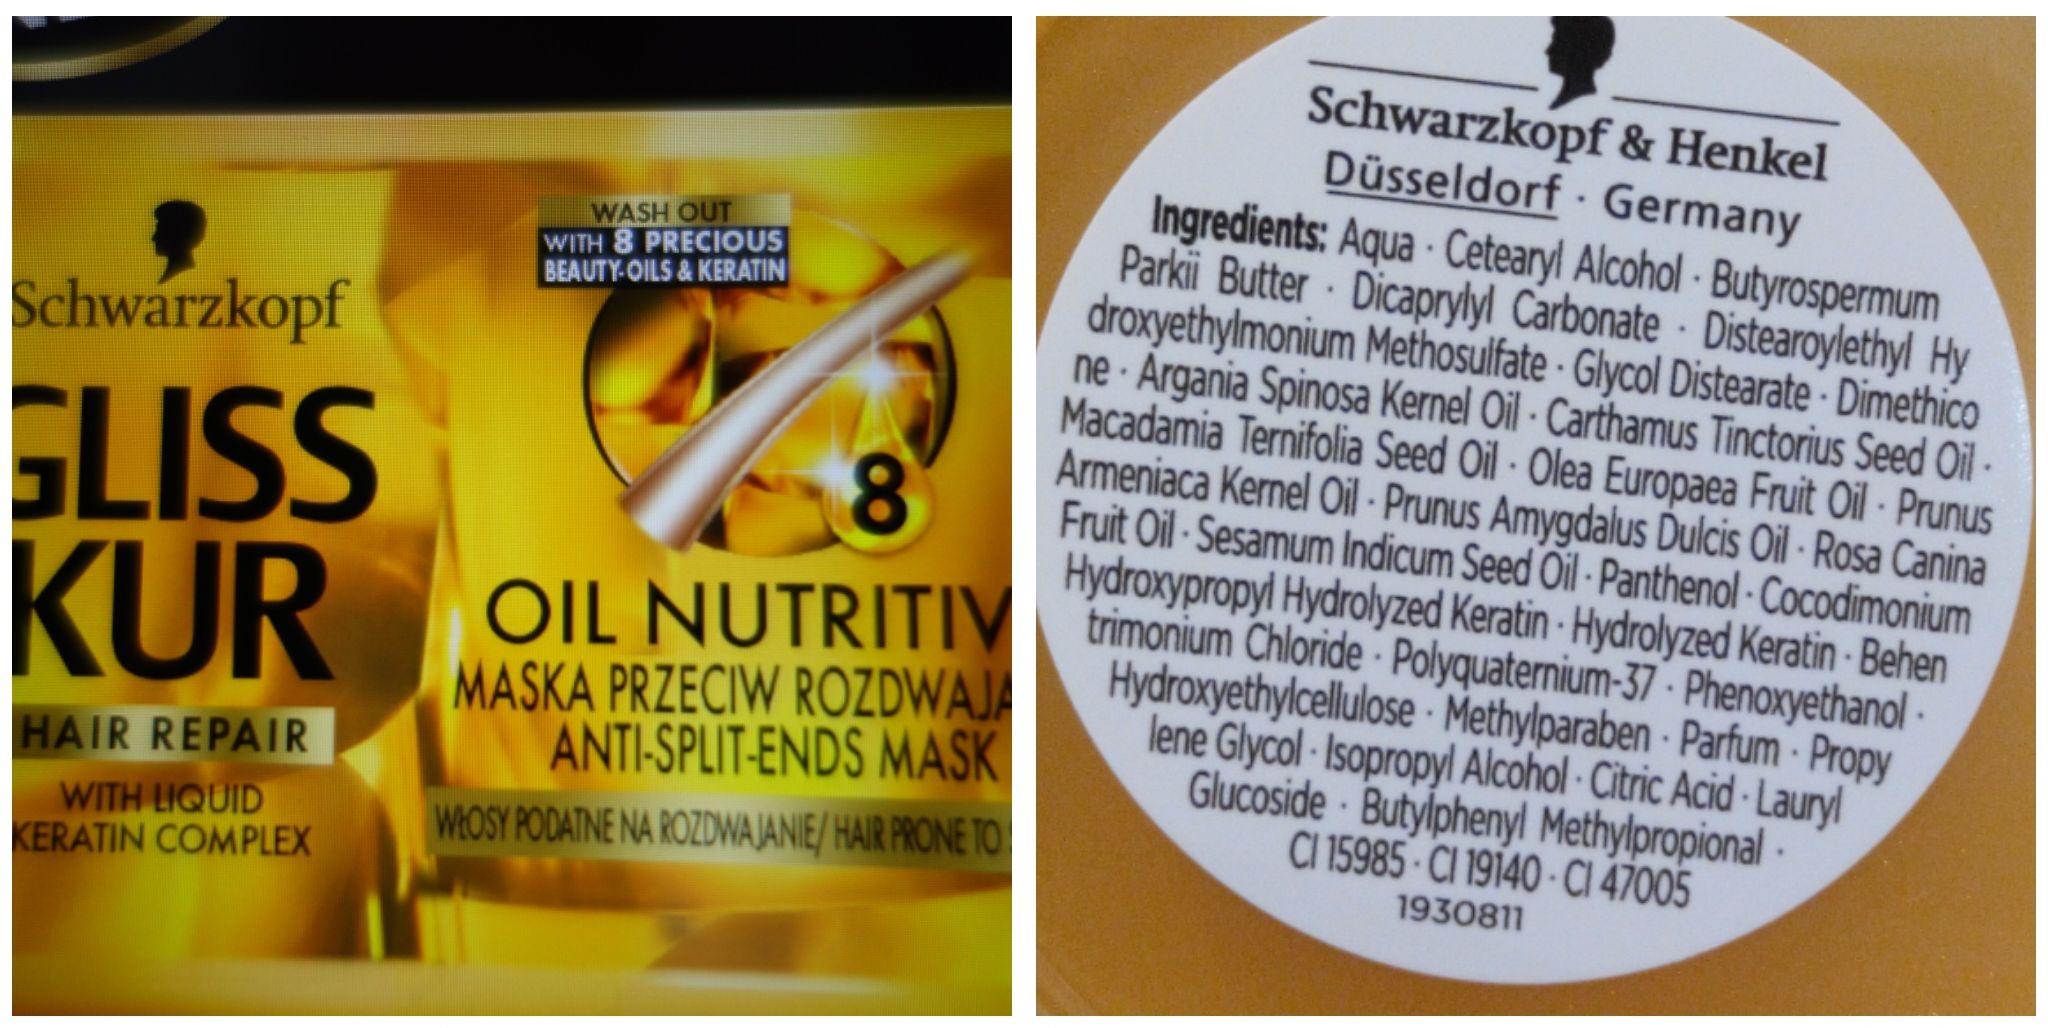 maska gliss kur oil nutritive nowa wersja